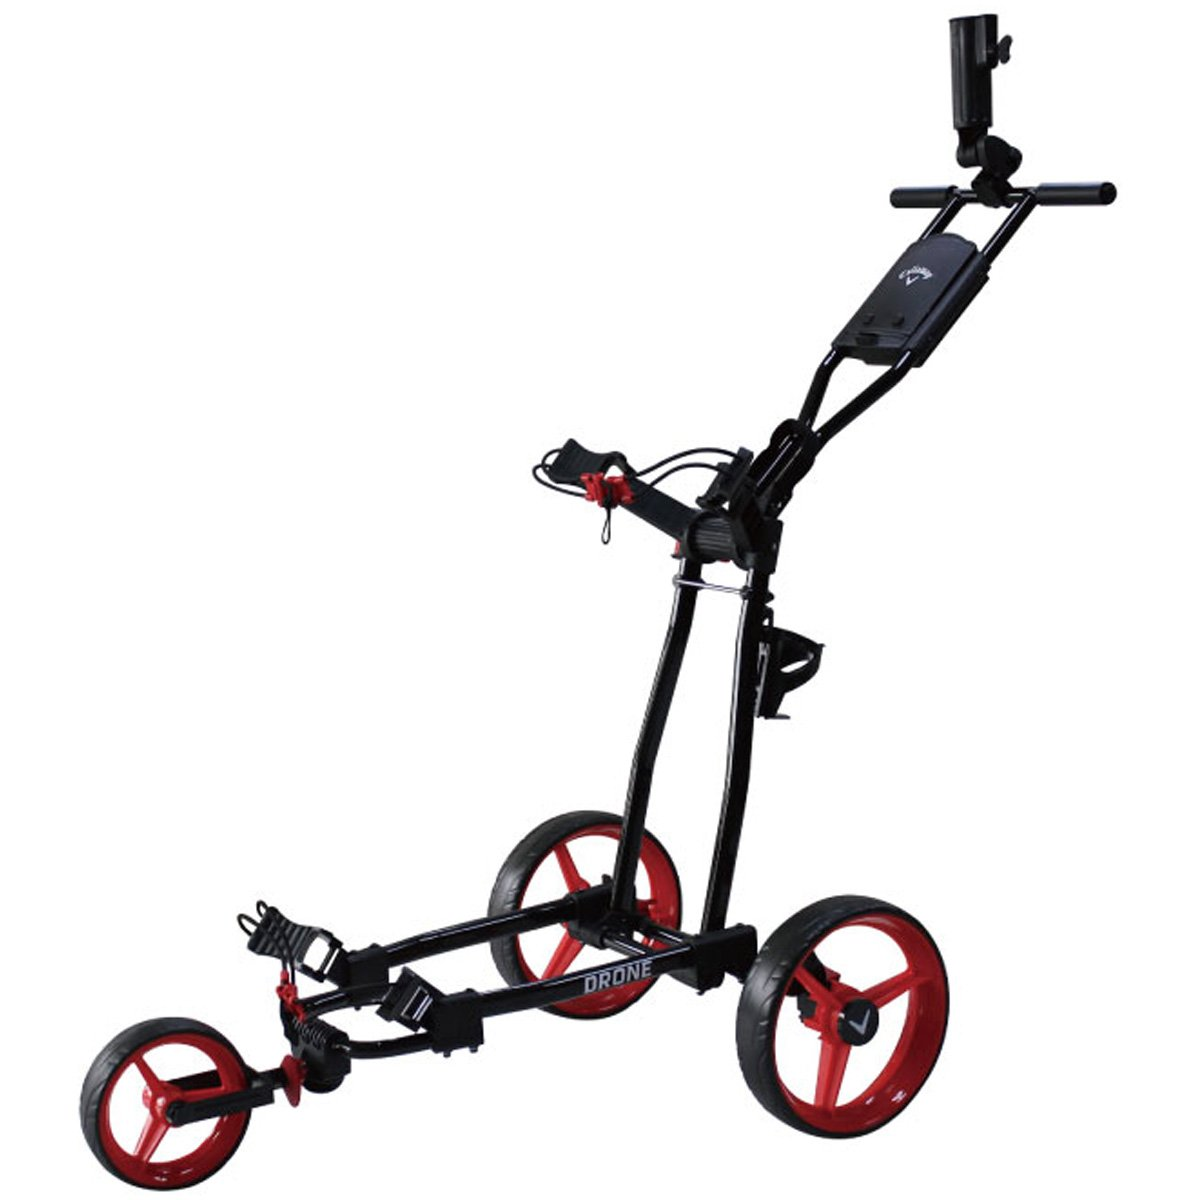 キャロウェイゴルフ Callaway Golf キャディバッグ DRONE 3 WHEEL カート 070021500065 レッド B076LBKSJP